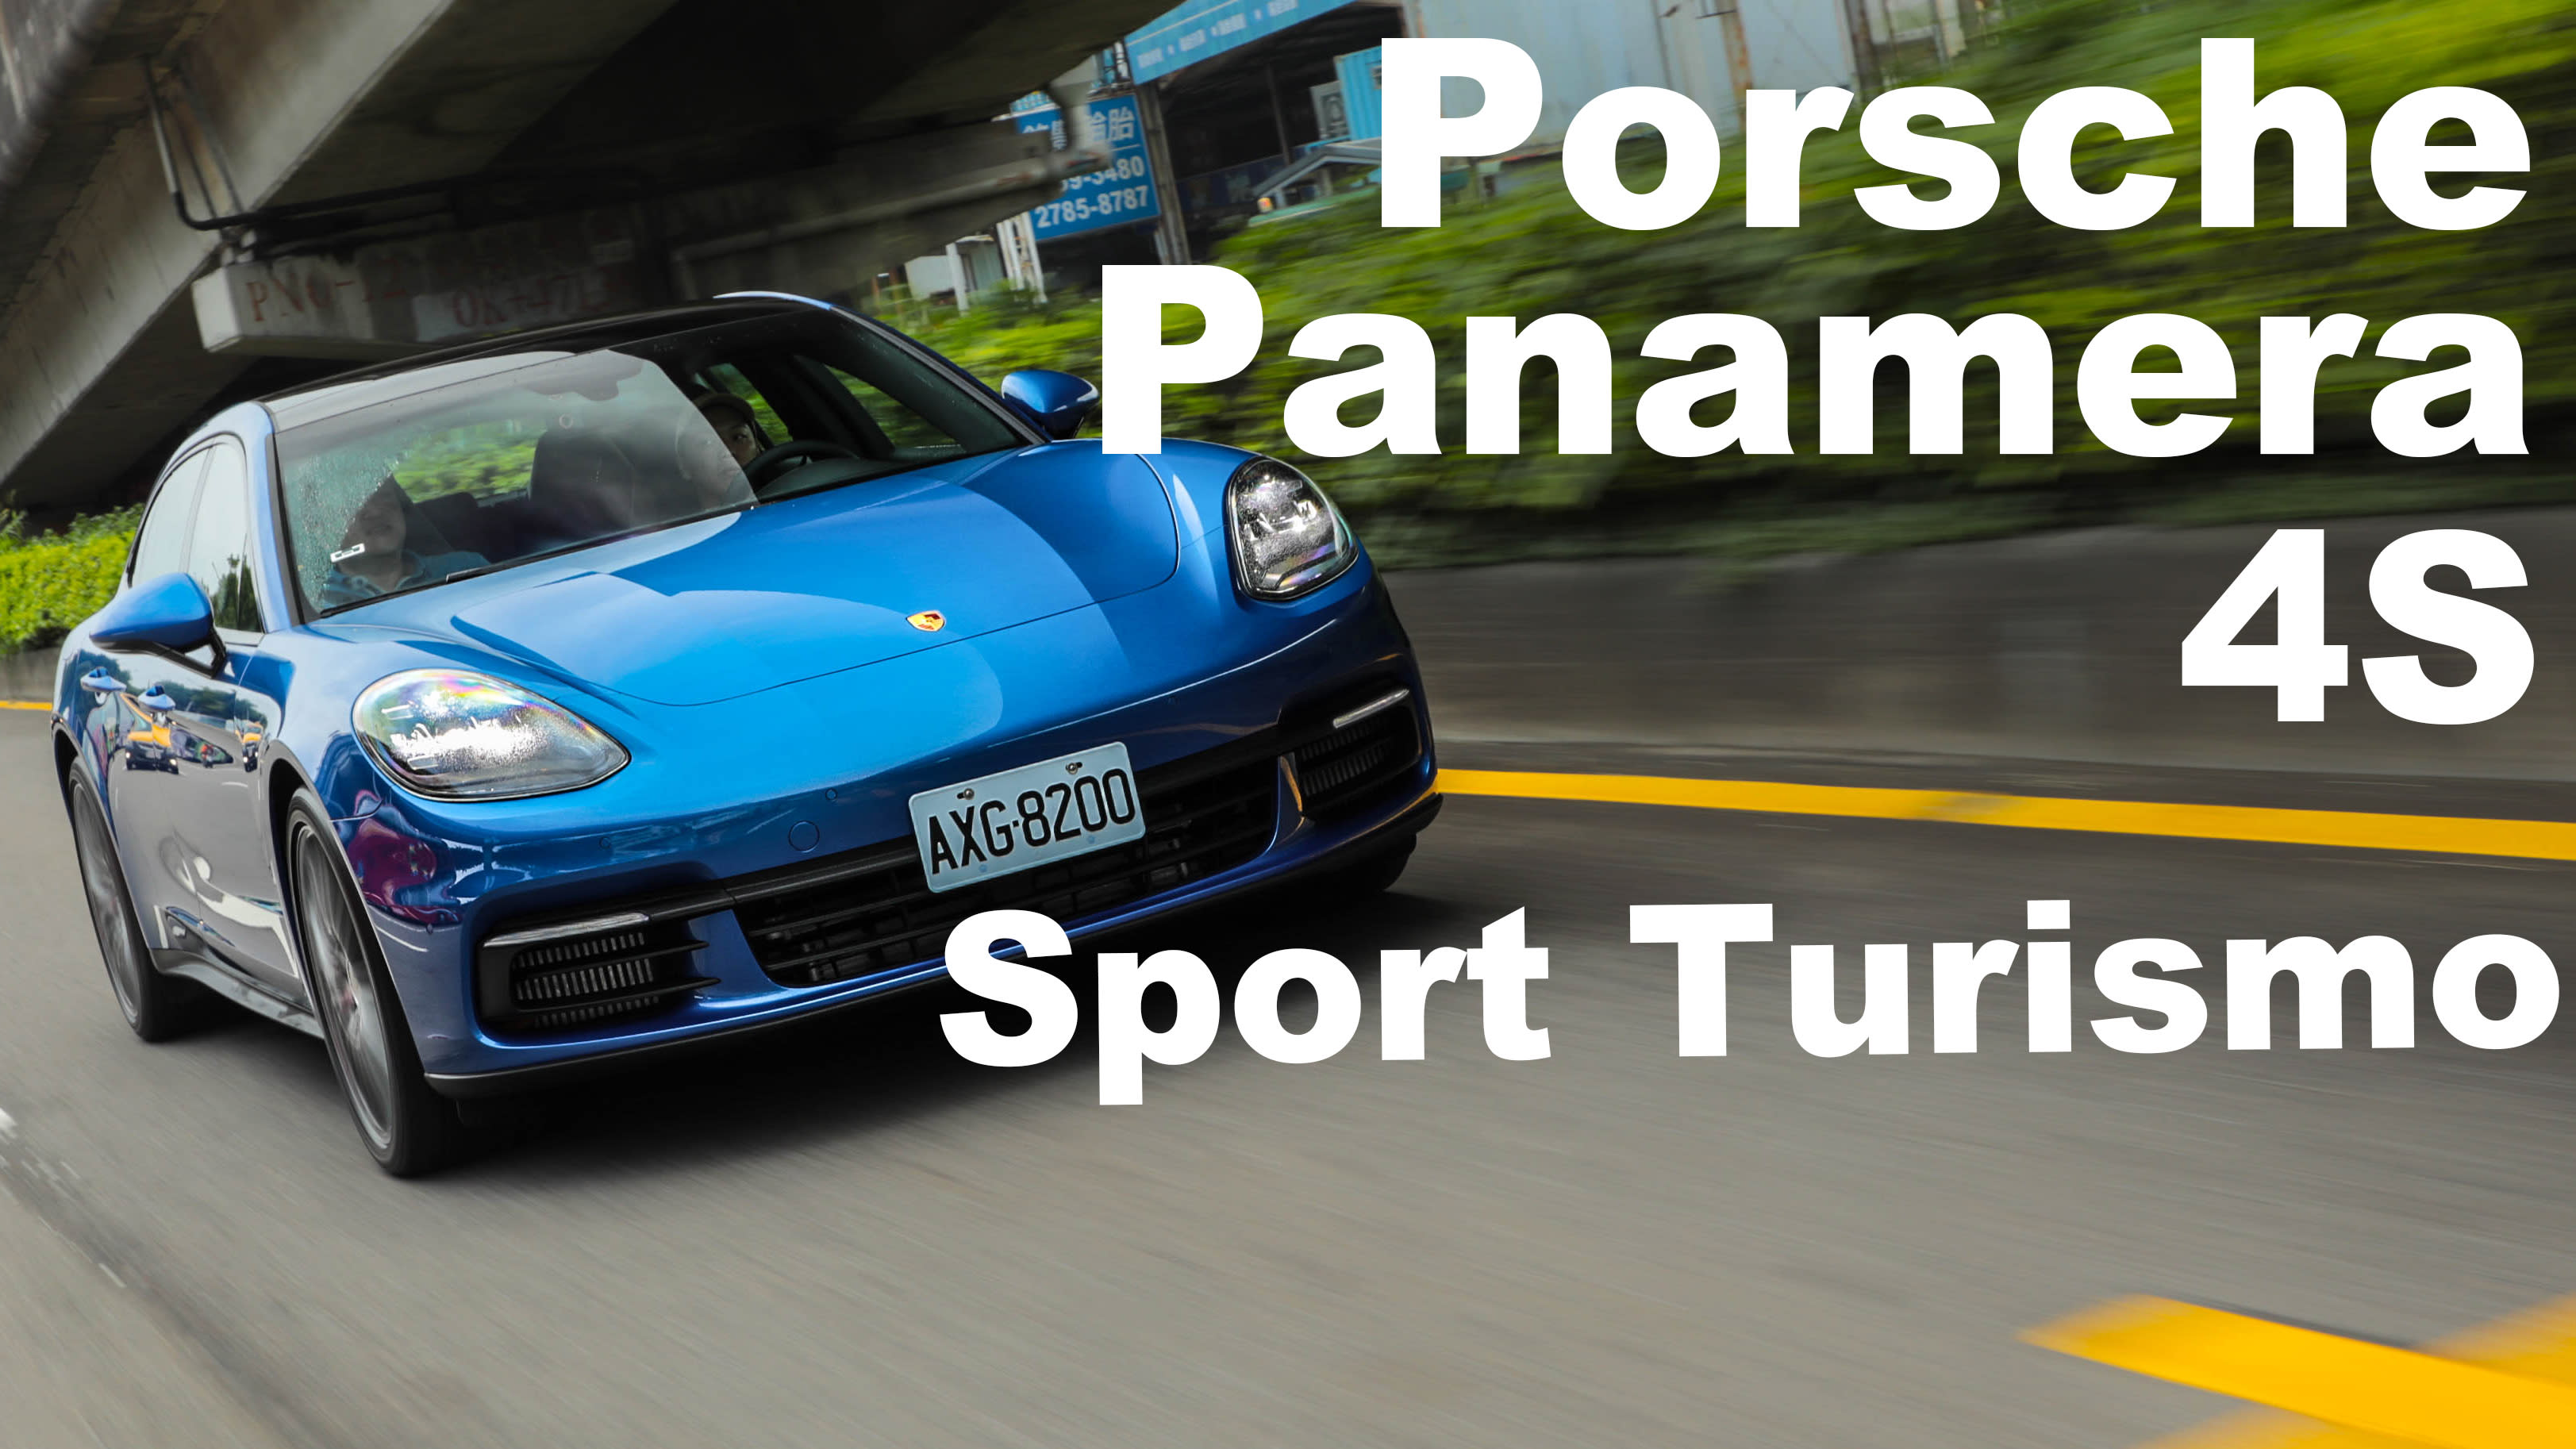 客製化奢華獵跑|Porsche Panamera 4S Sport Turismo